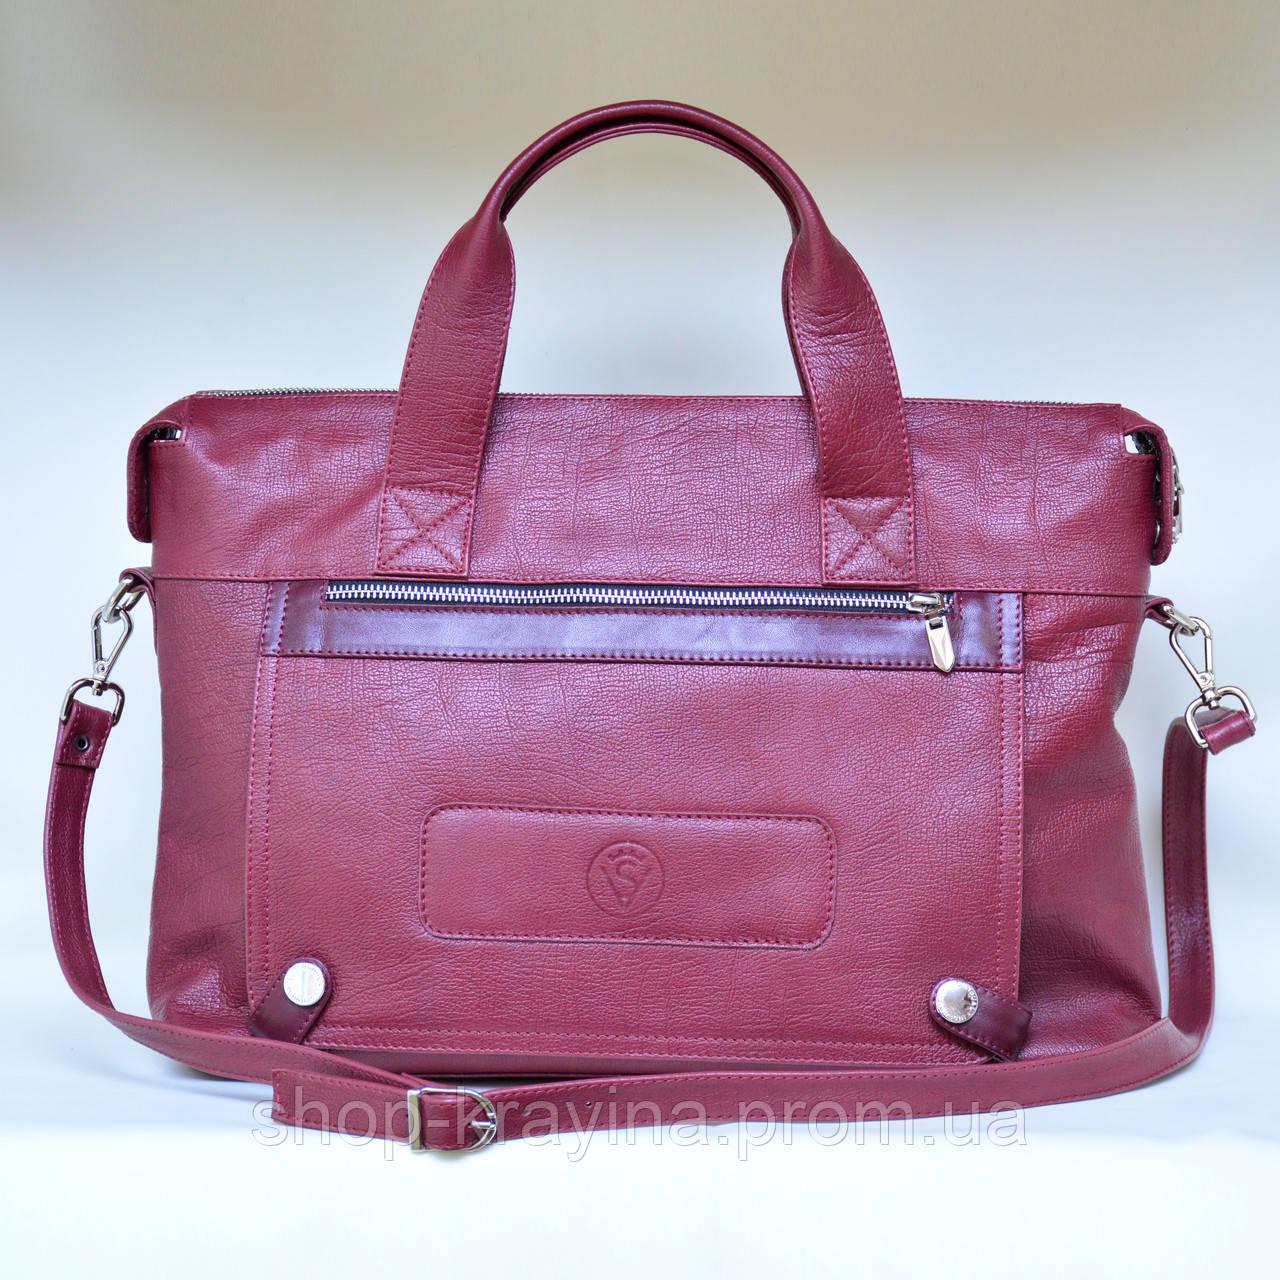 Деловой портфель женский VS107 burgundy 39х28х9 см